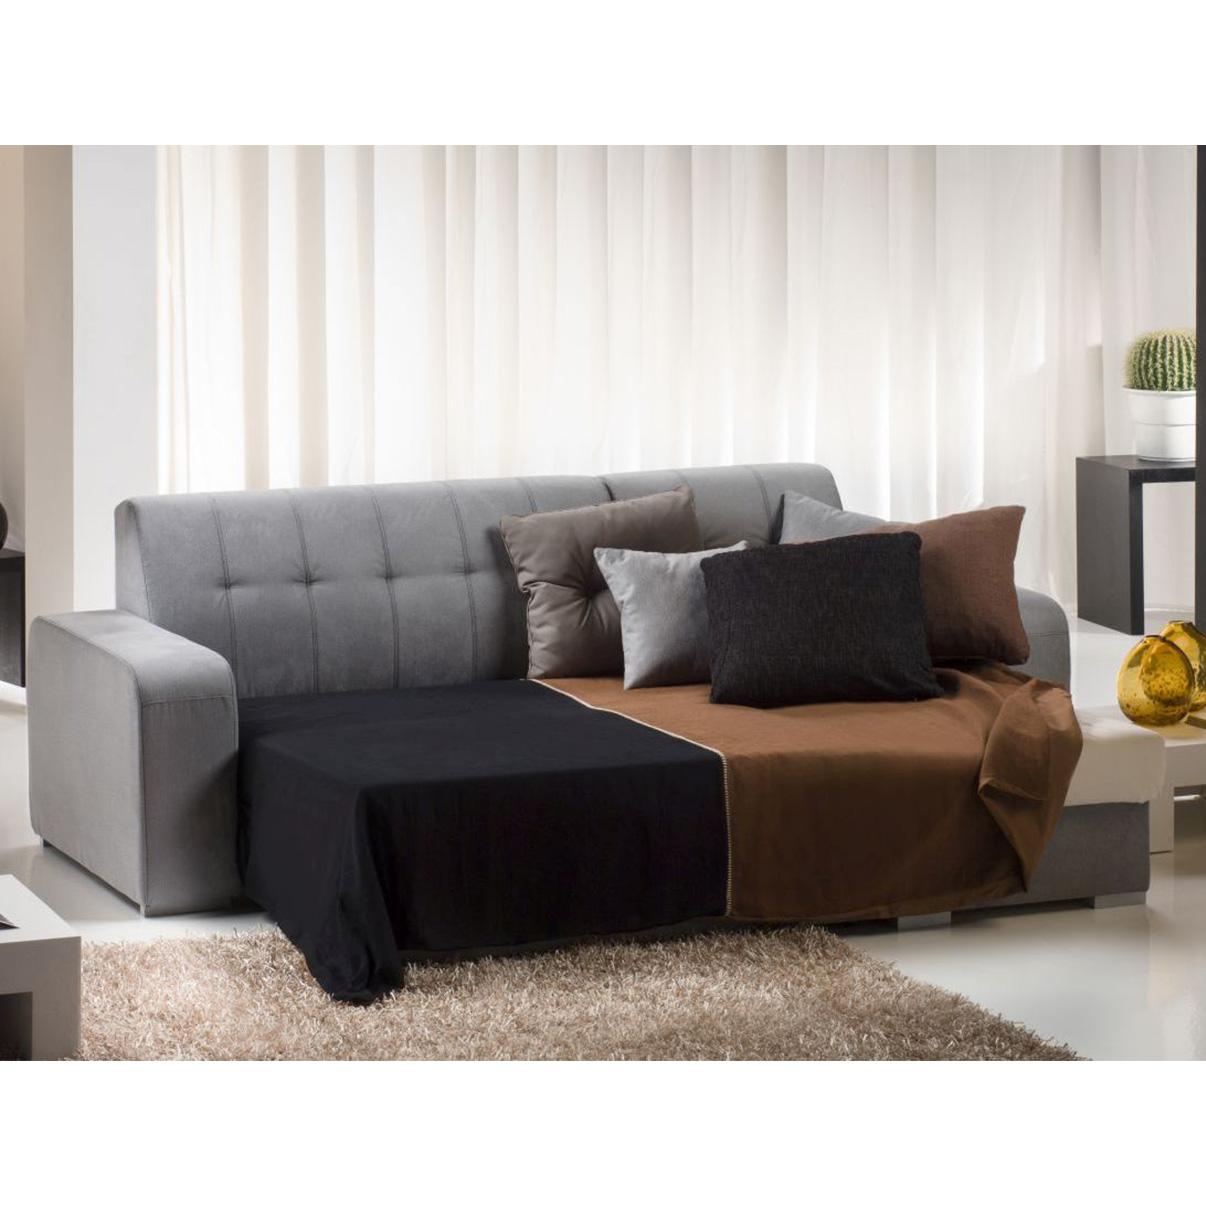 Vanessa divano letto arredocasa serafino - Divani letto in offerta ...